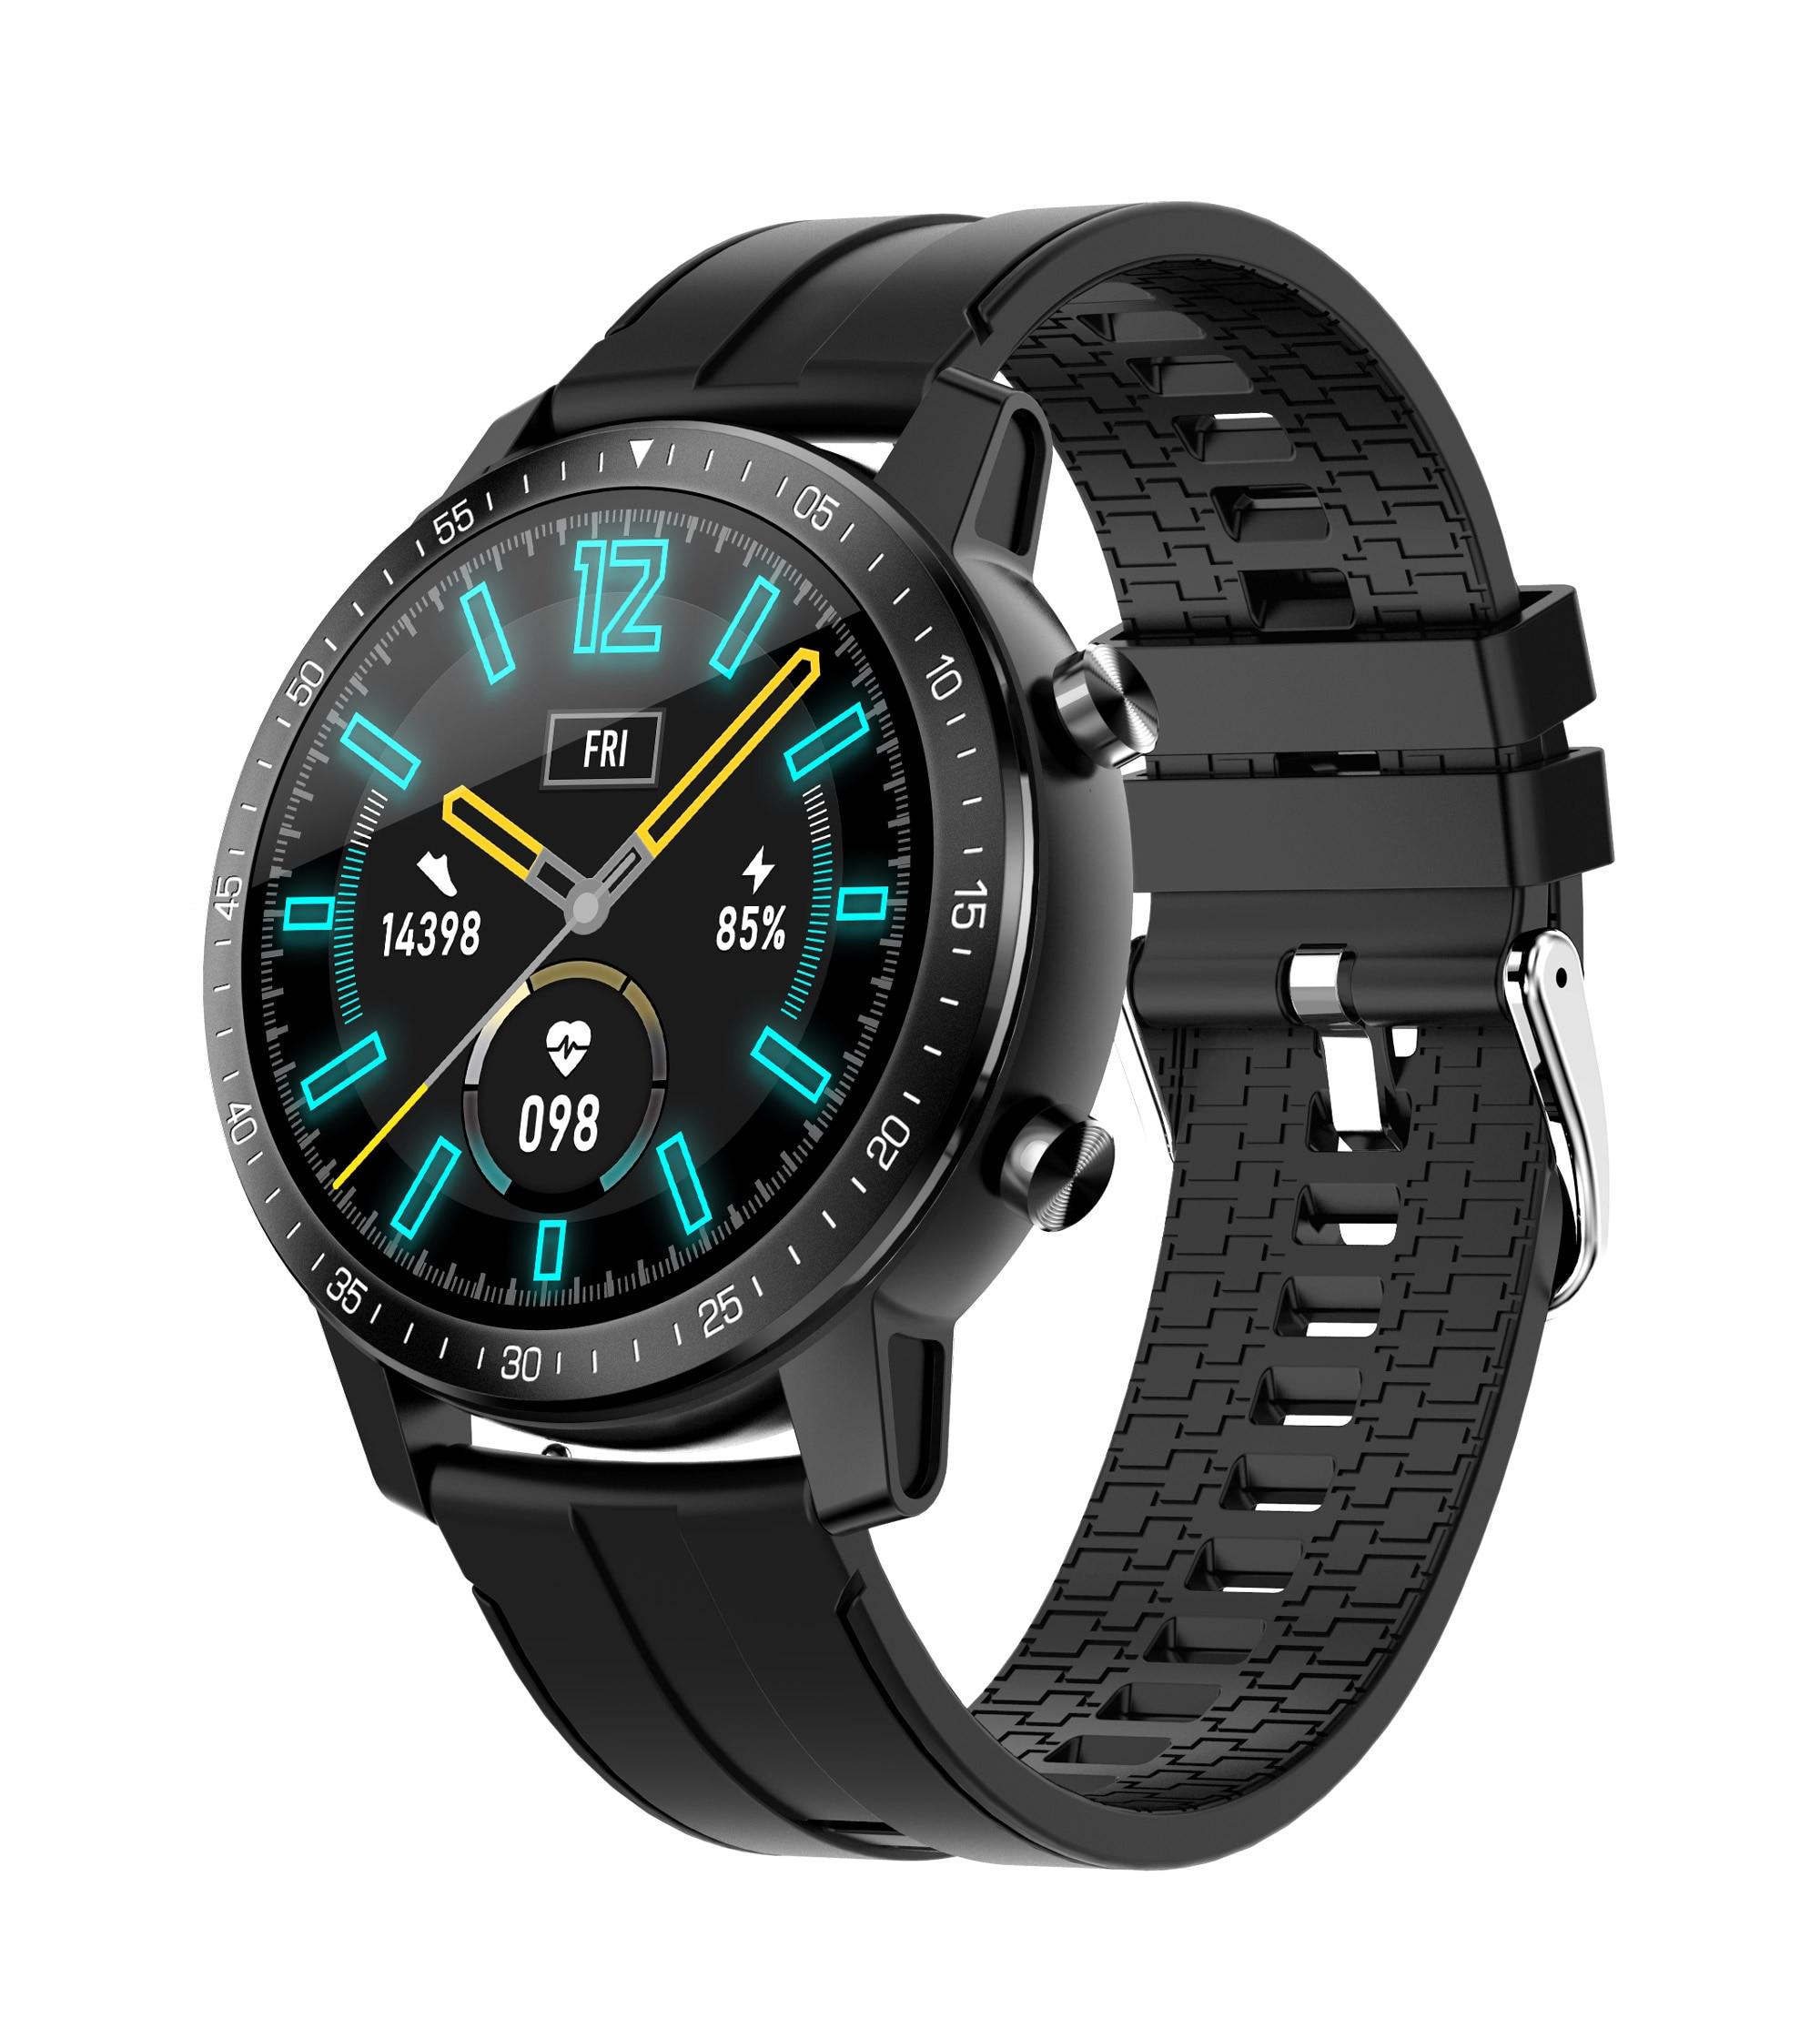 SENBONO 2020 S30 Heart Rate Blood Pressure Monitoring Smart Watch IP68 Waterproof Men s and Women s Sport Tracker Smart Bracelet